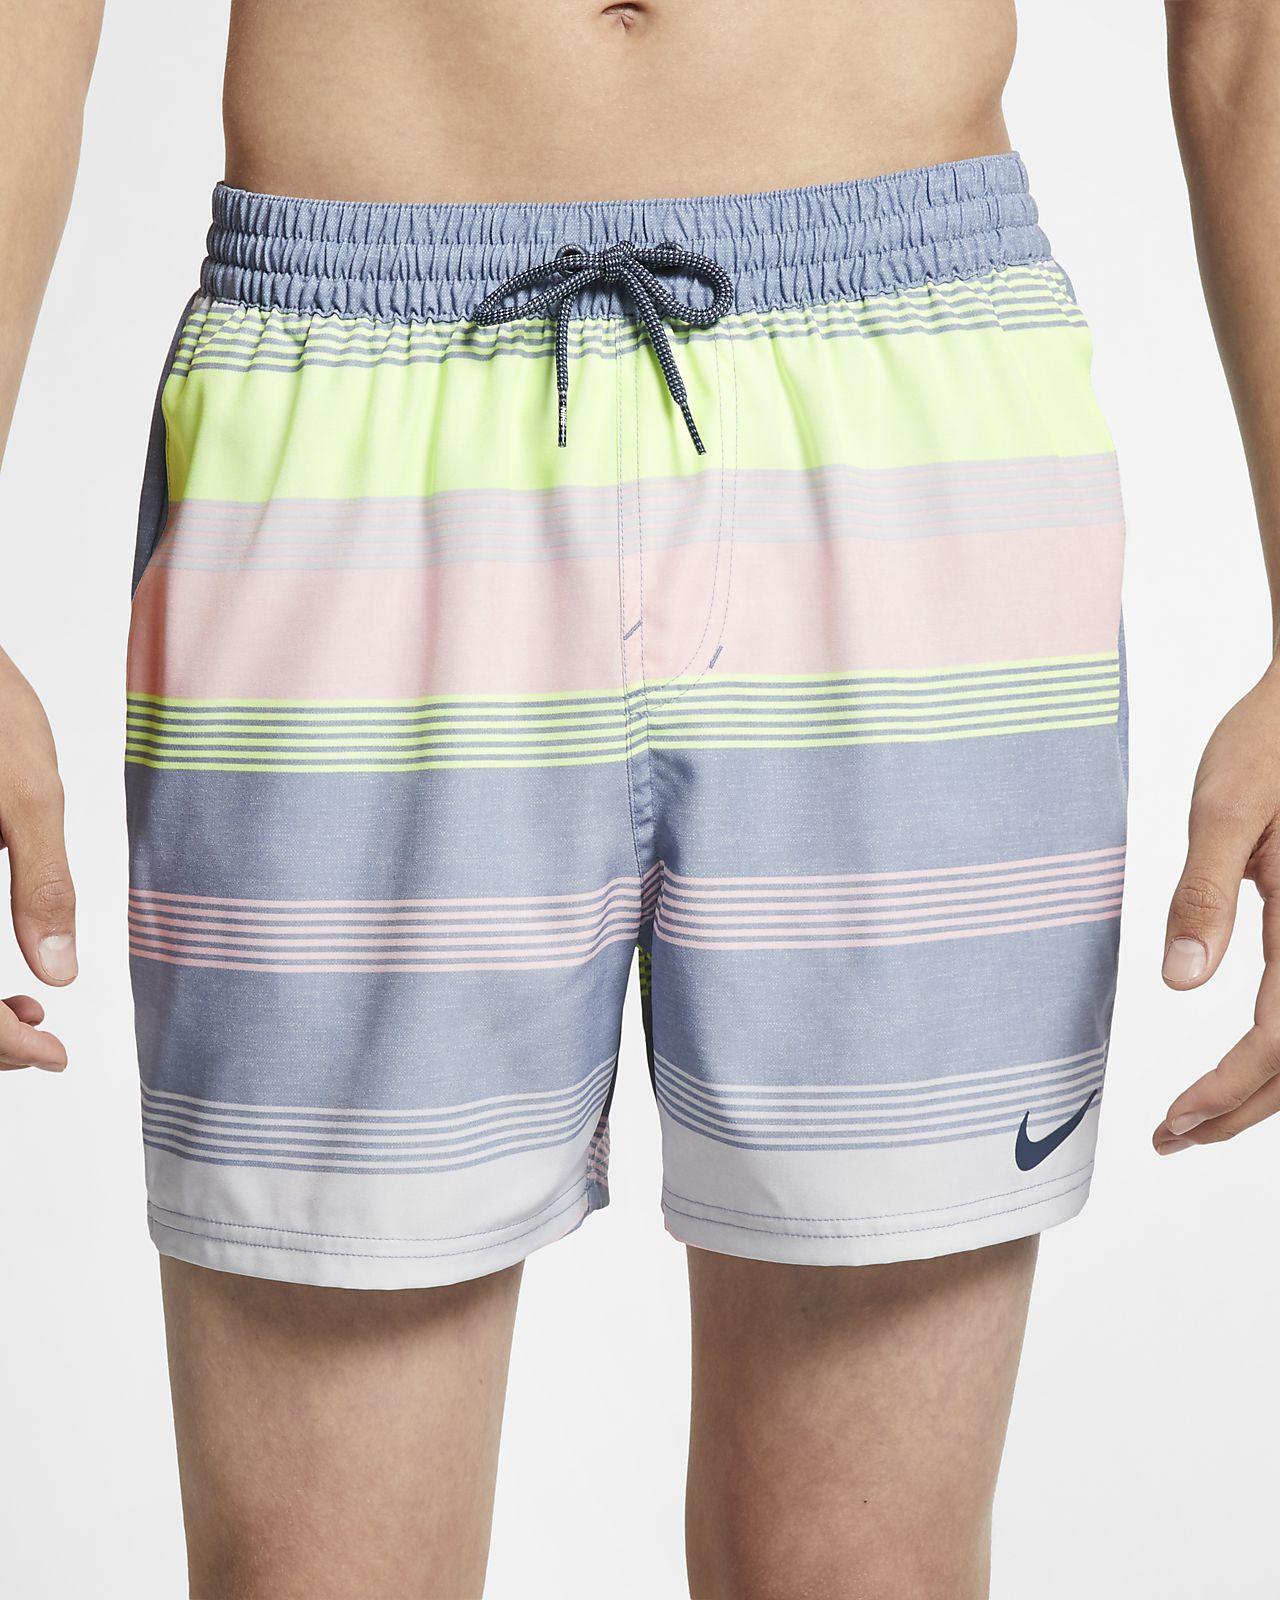 Zwembroek Lang Heren.Nike Linen Racer Zwembroek Voor Heren 13cm Nike Com Nl